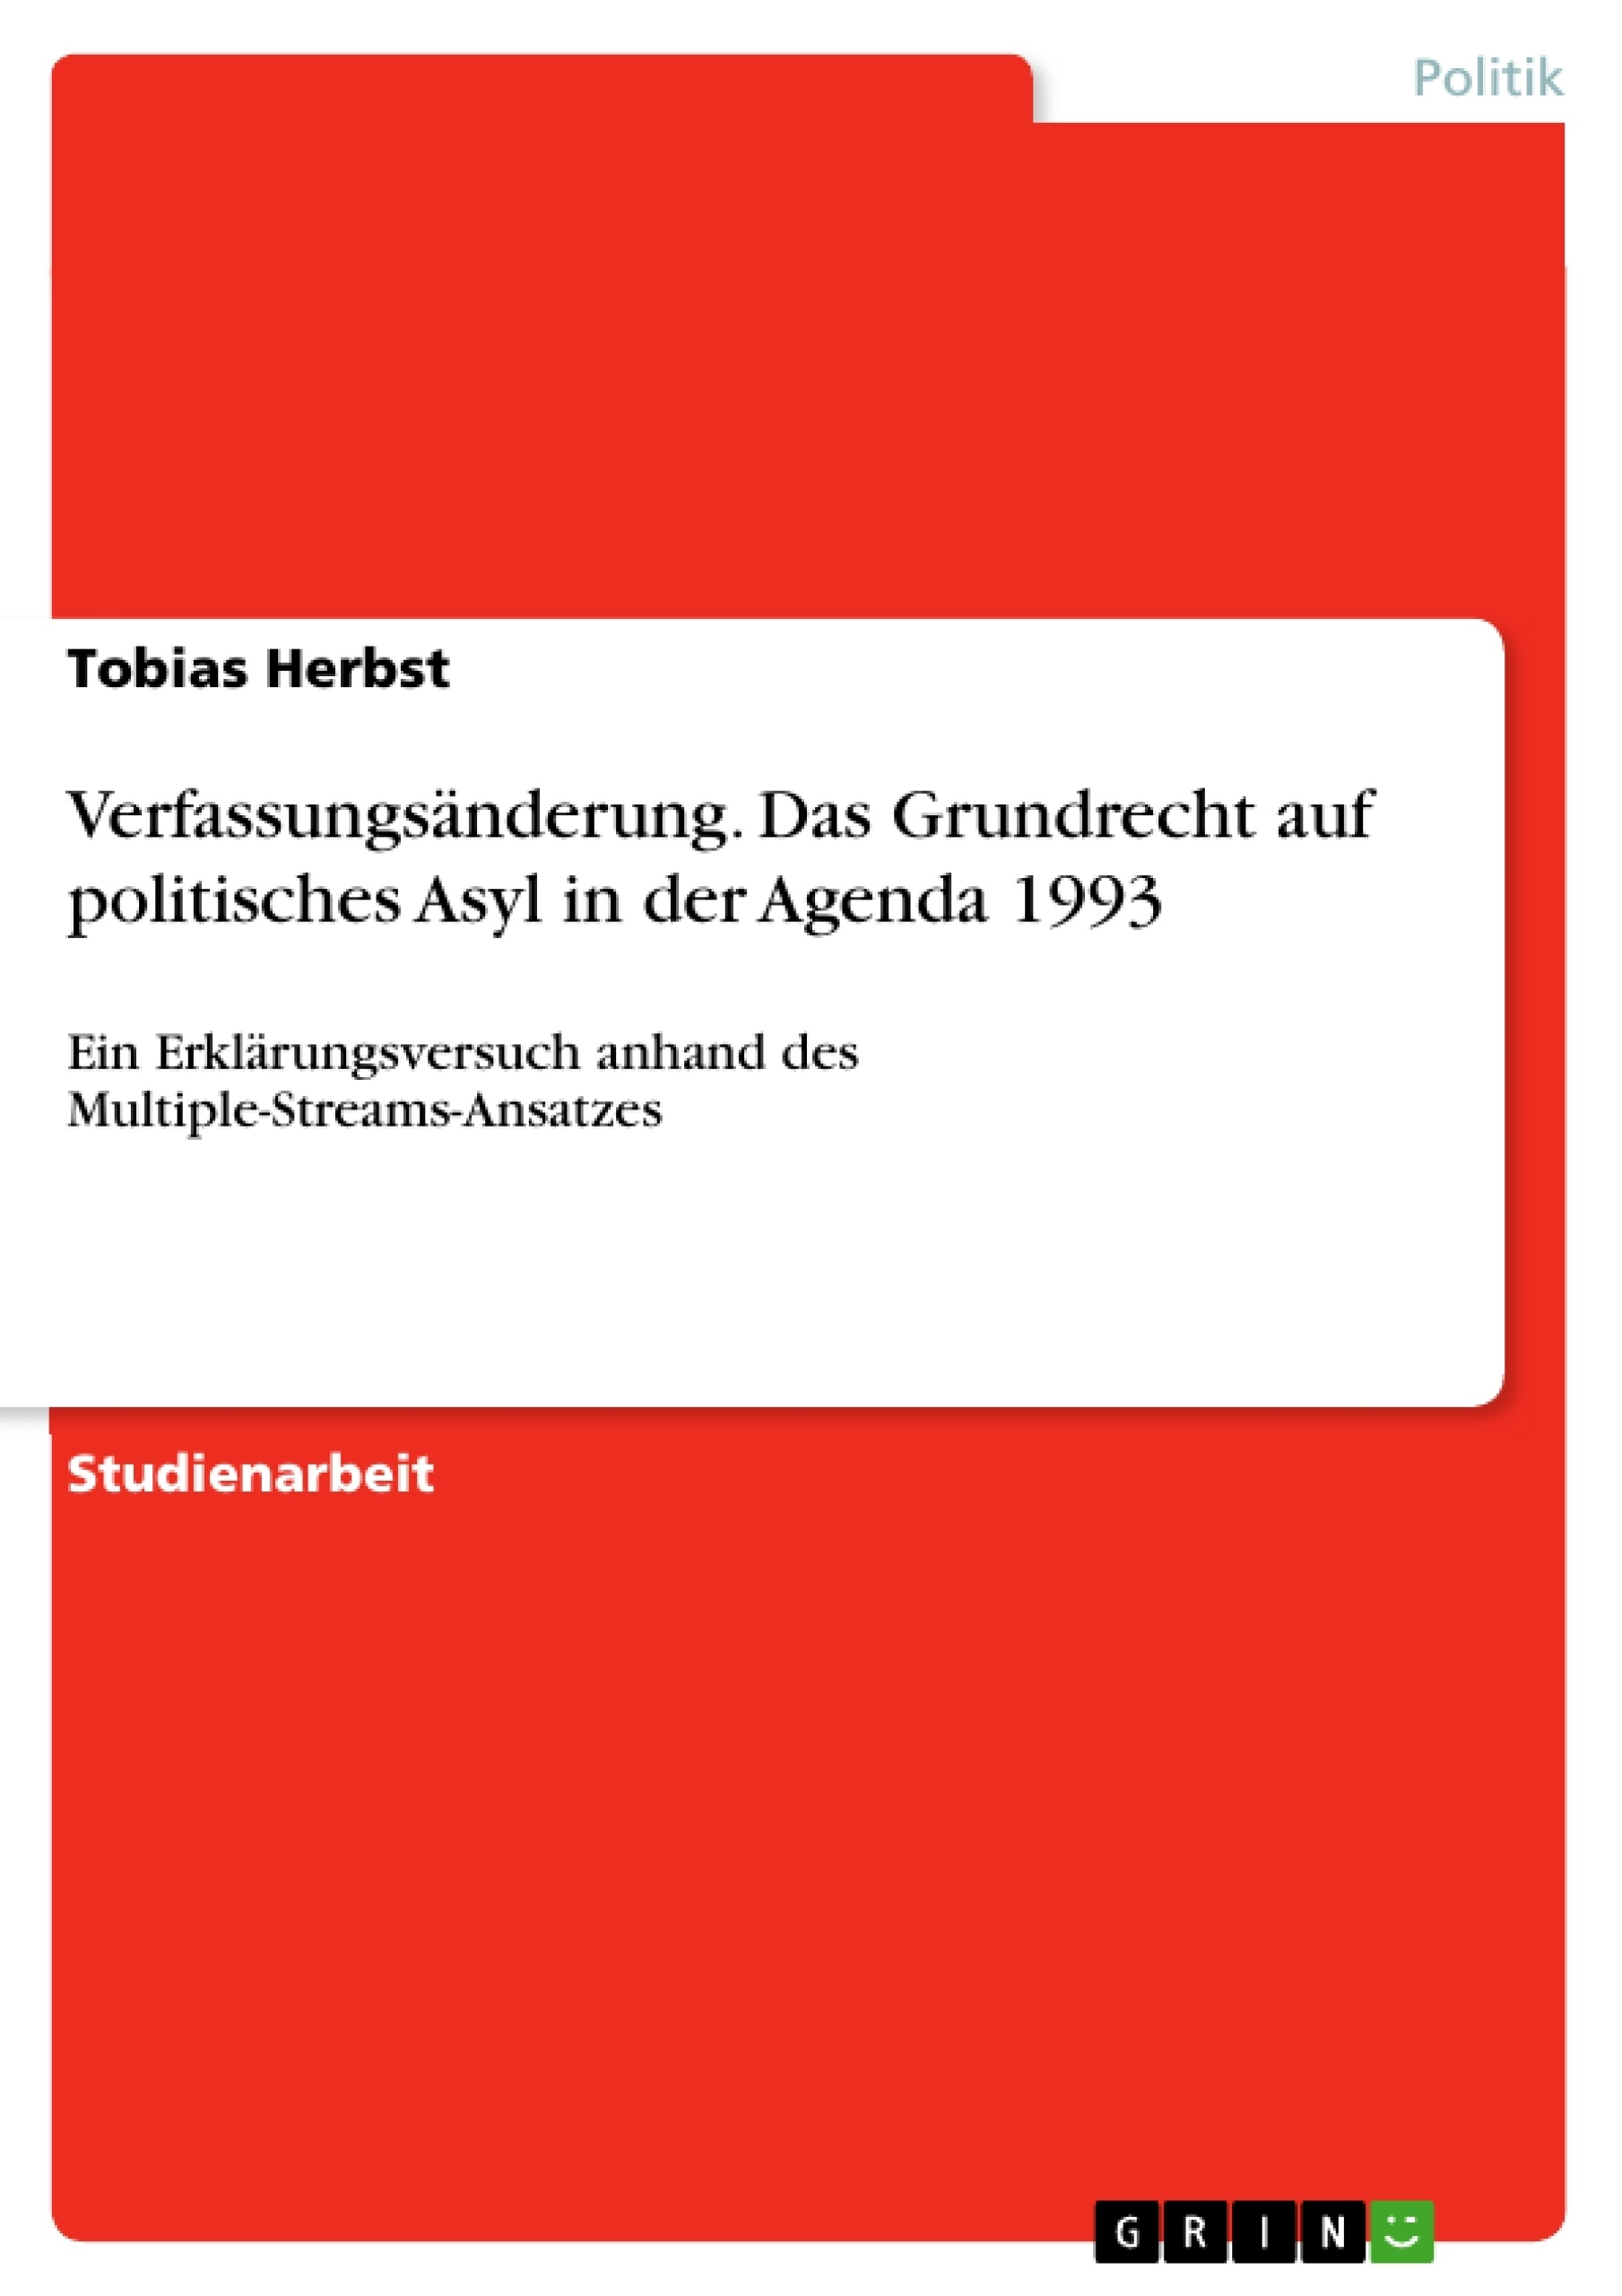 Titel: Verfassungsänderung. Das Grundrecht auf politisches Asyl in der Agenda 1993